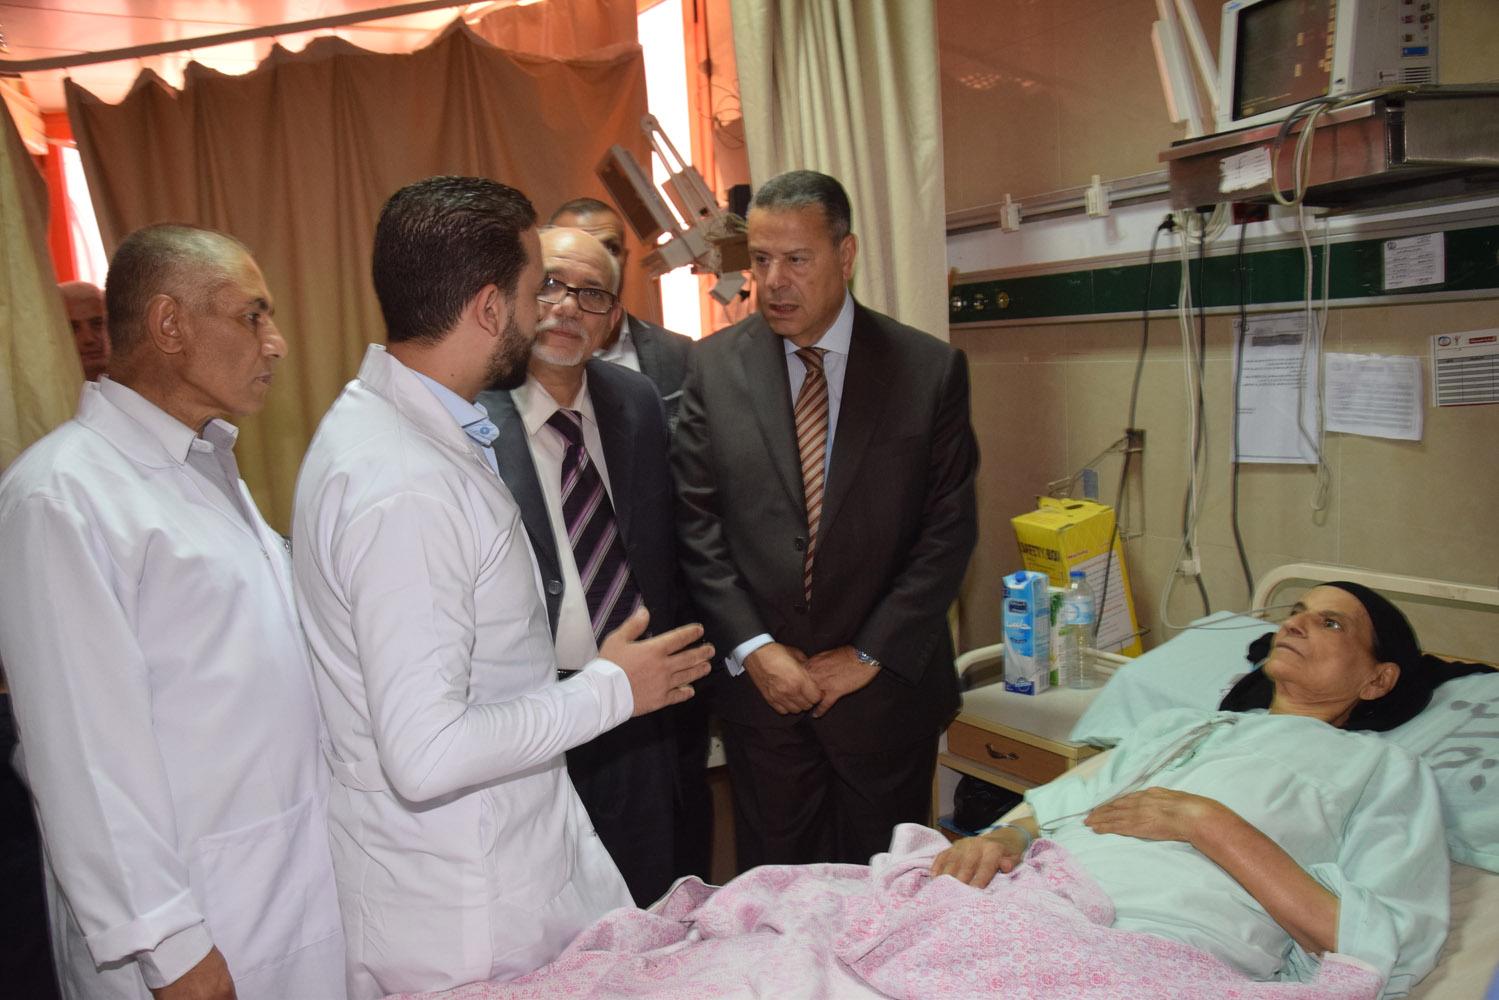 محافظ بنى سويف يتفقد حالة المرضى بمستشفى التأمين الصحى (4)